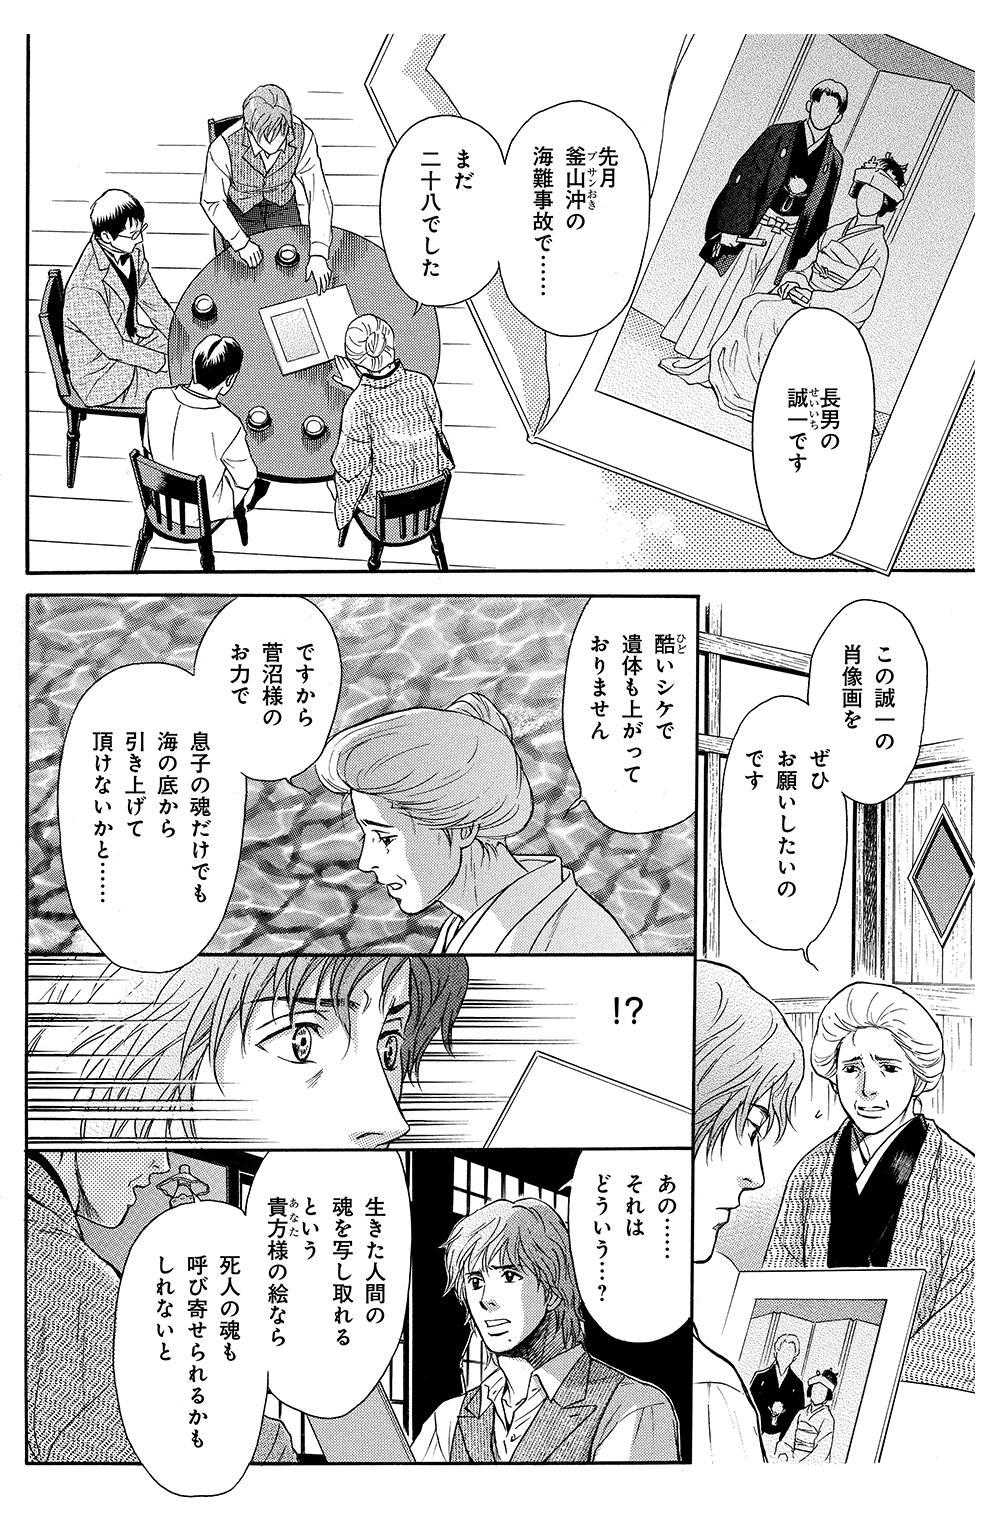 鵼の絵師 第1話「鵼の絵師」①nue-1-08.jpg